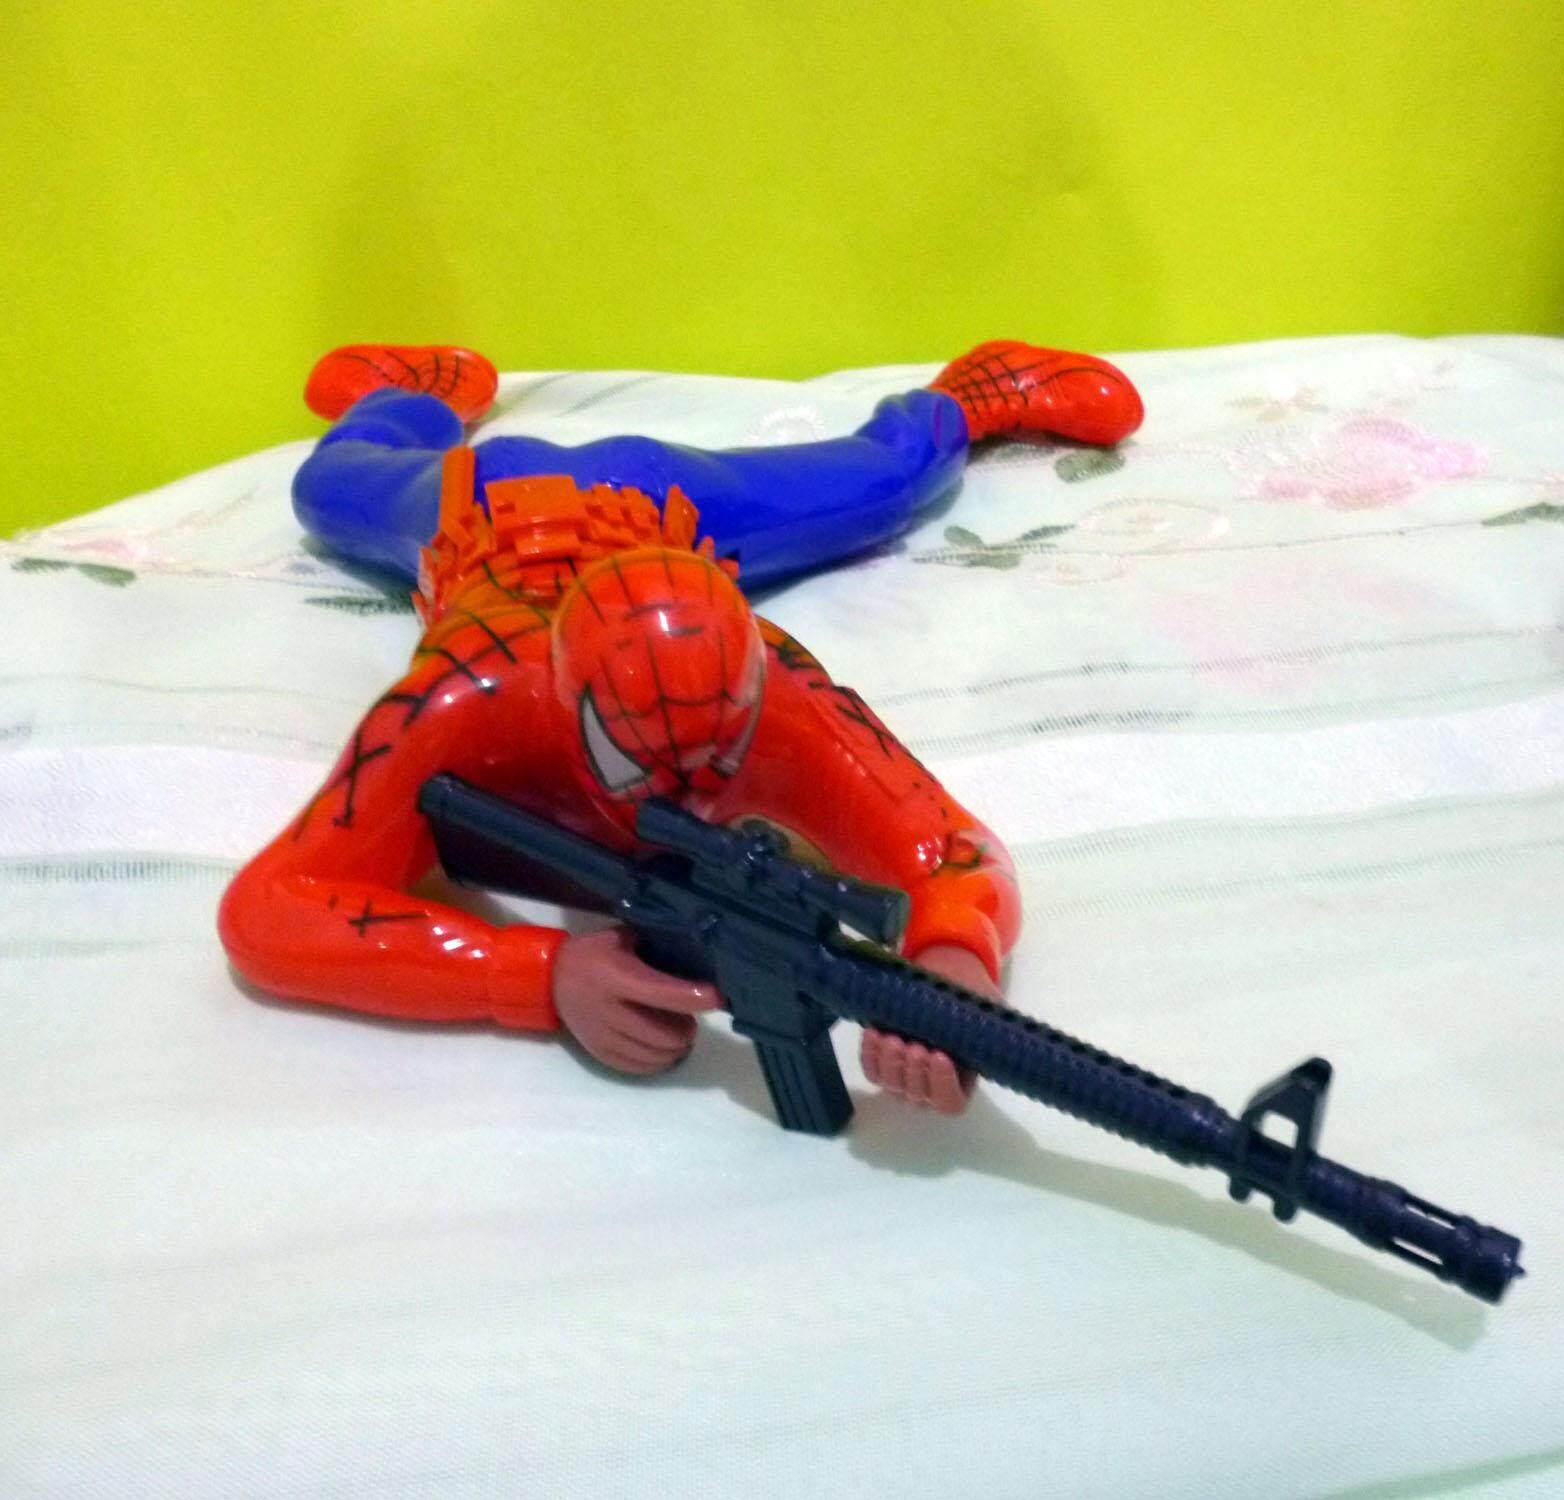 ตุ๊กตาคลานสไปเดอร์แมน มีเสียง มีไฟ เคลื่อนที่ได้  (สีแดง).